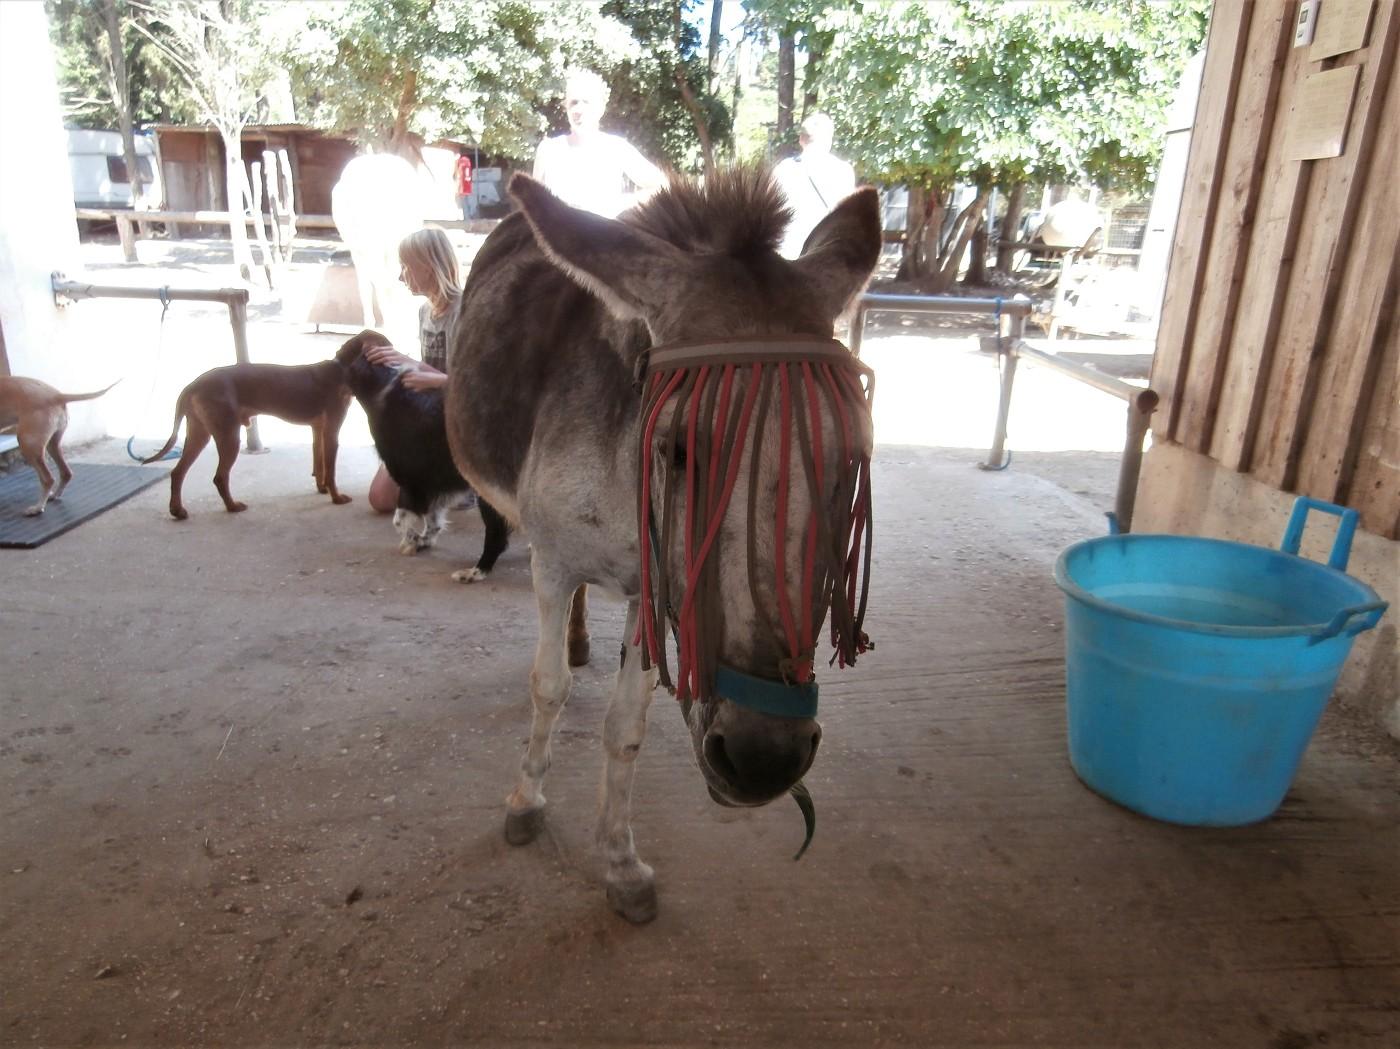 Corfu Donkey Rescue Greece 4